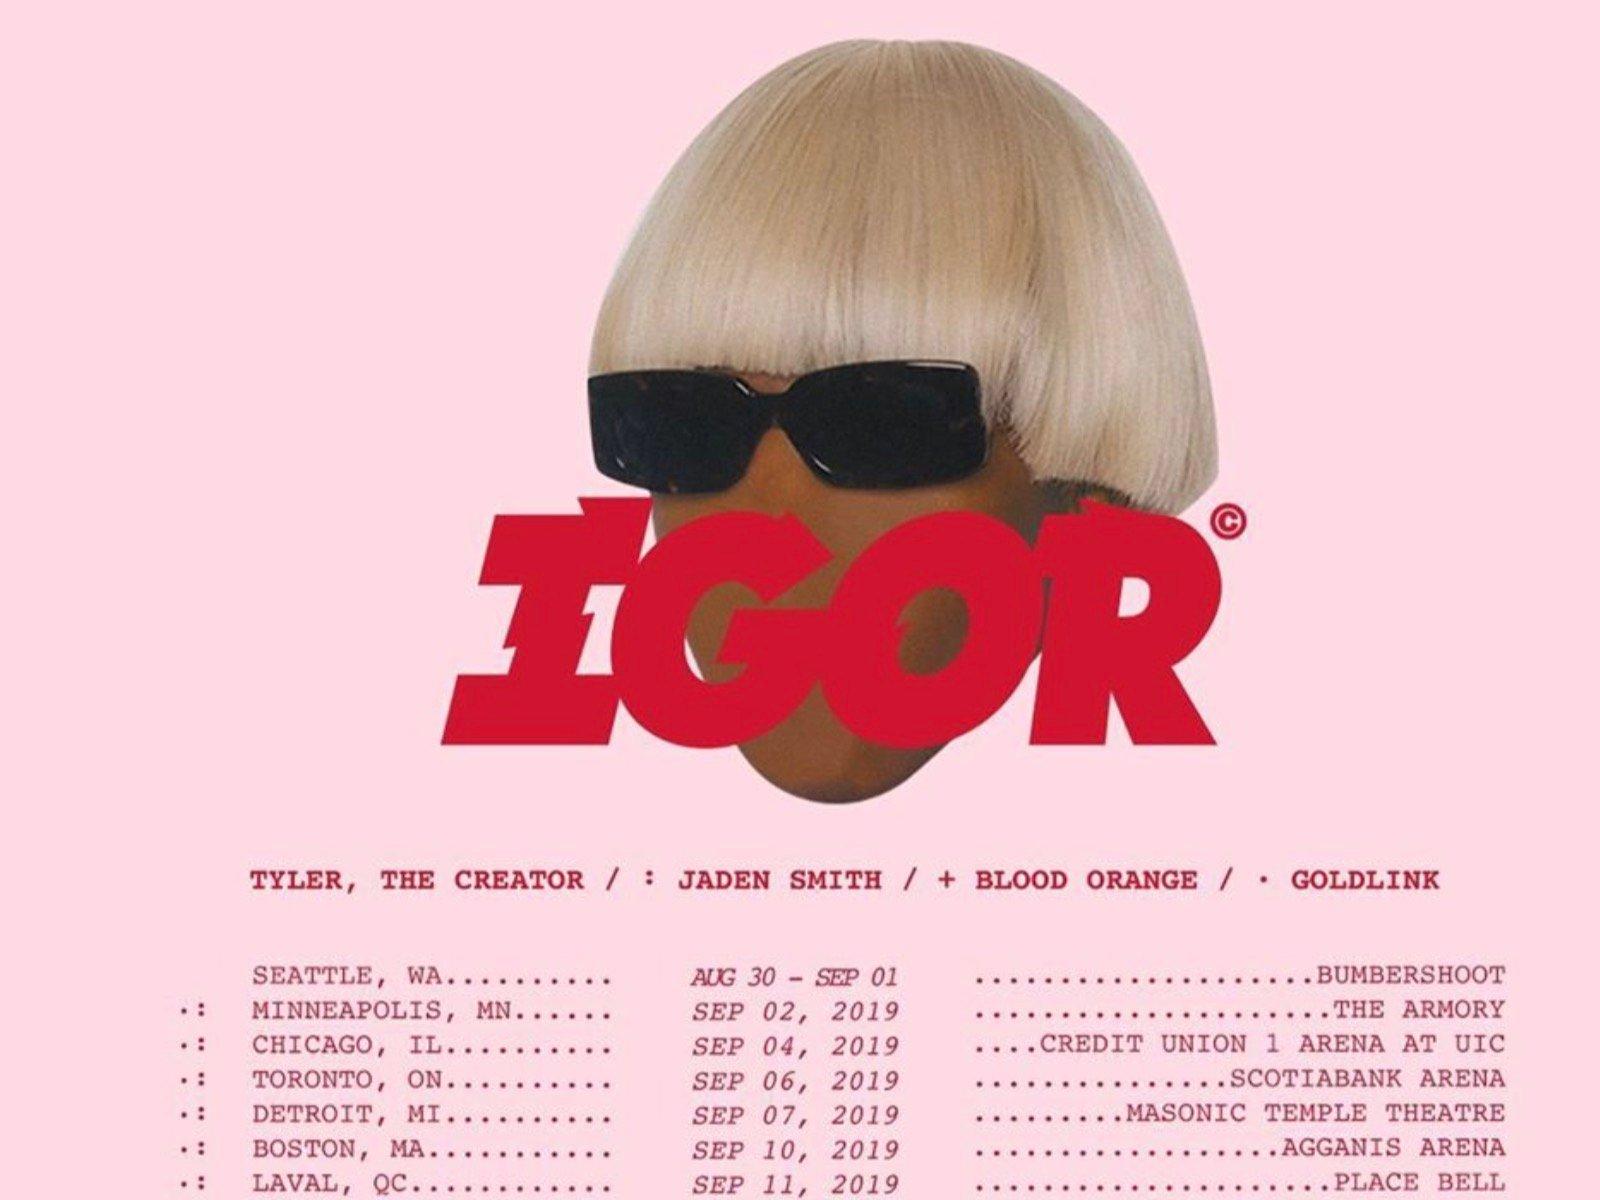 IGOR Tour Announcement